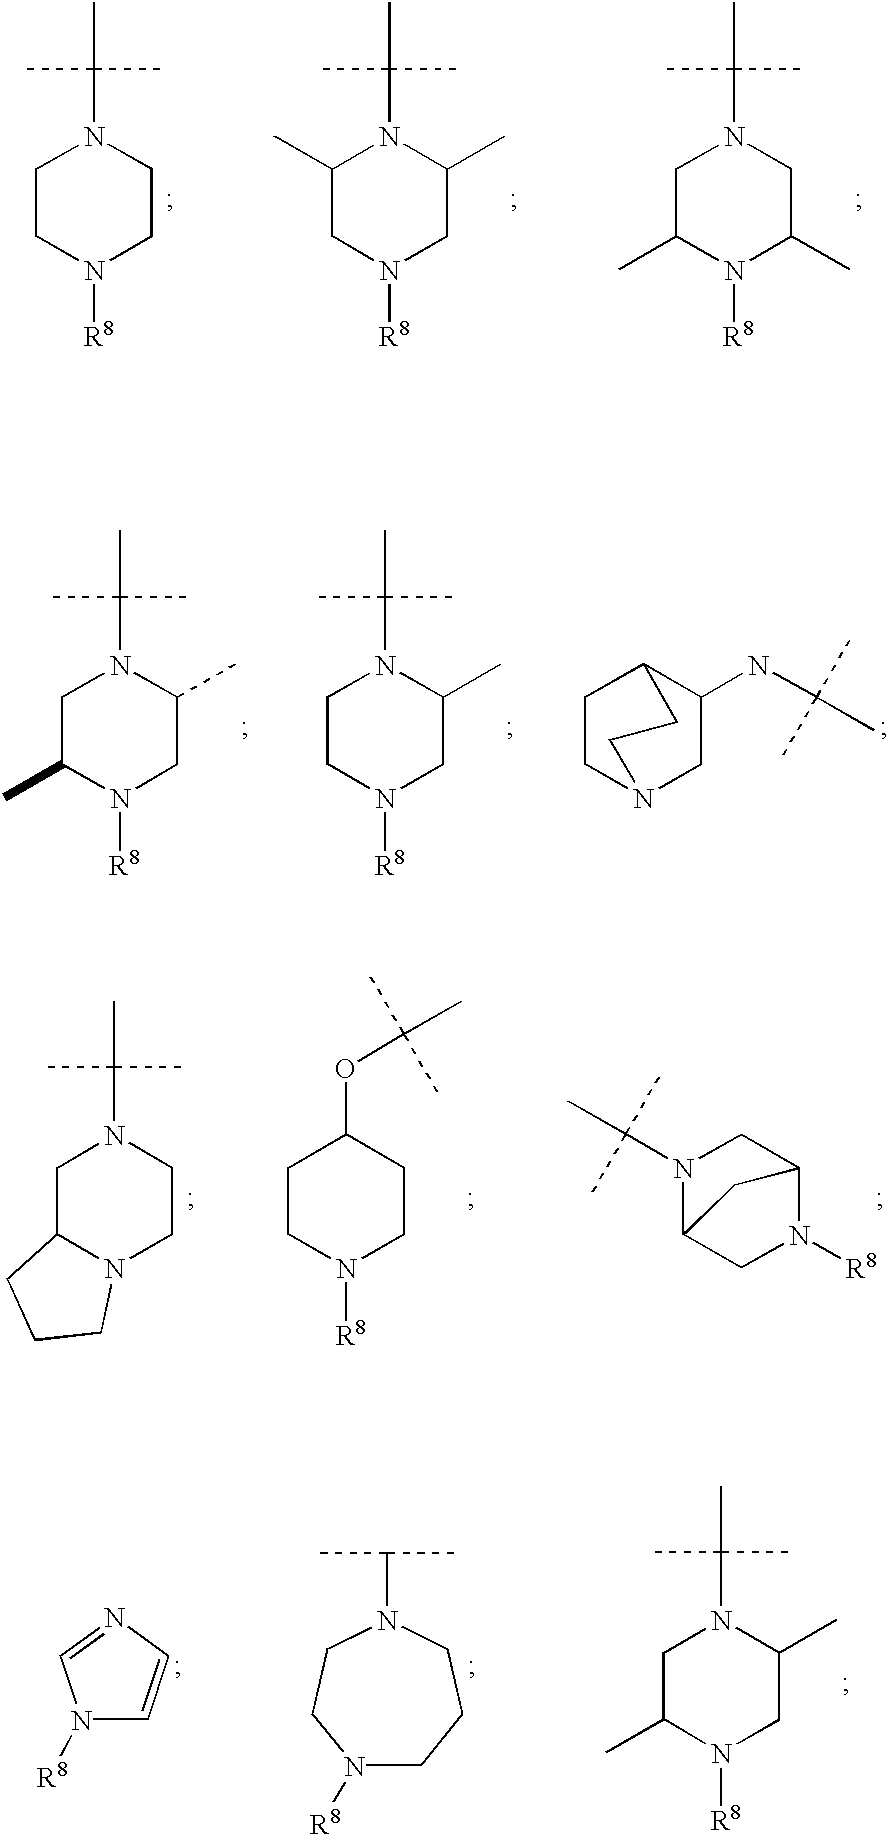 Figure US20030149019A1-20030807-C00004